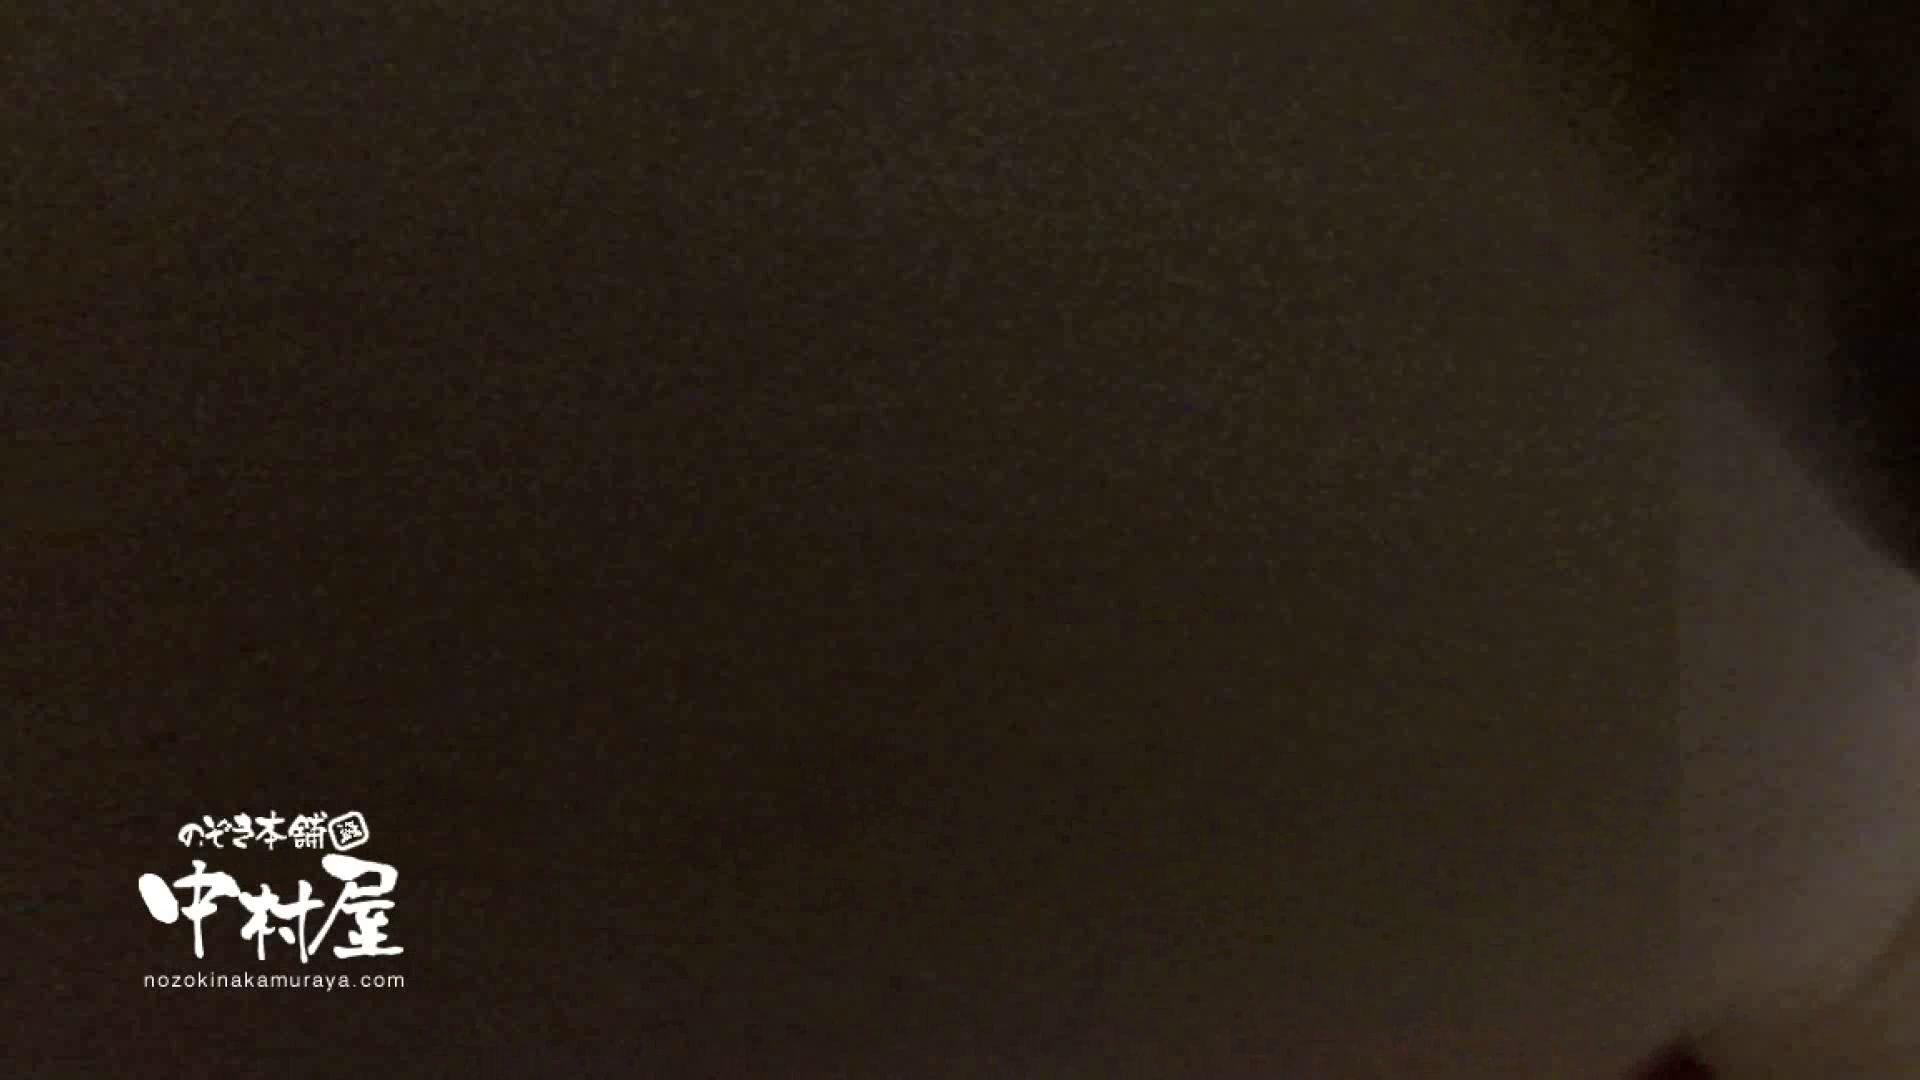 鬼畜 vol.02 もうやめて! 後編 OLセックス | 鬼畜  74画像 57